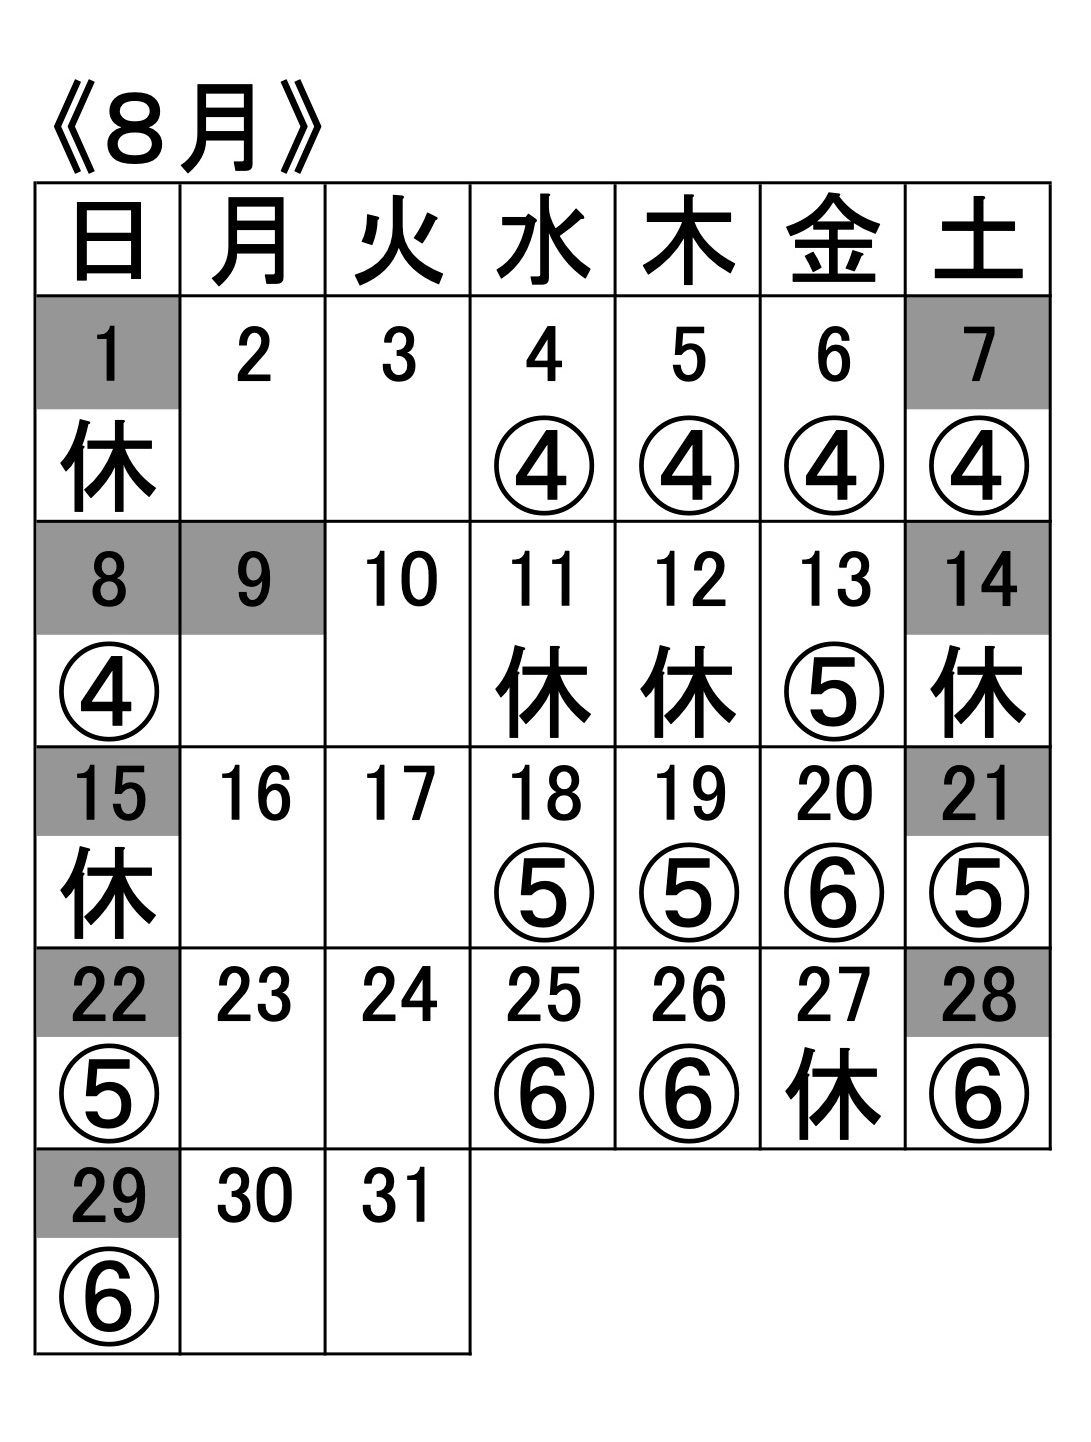 福山クラスの8月のスケジュール